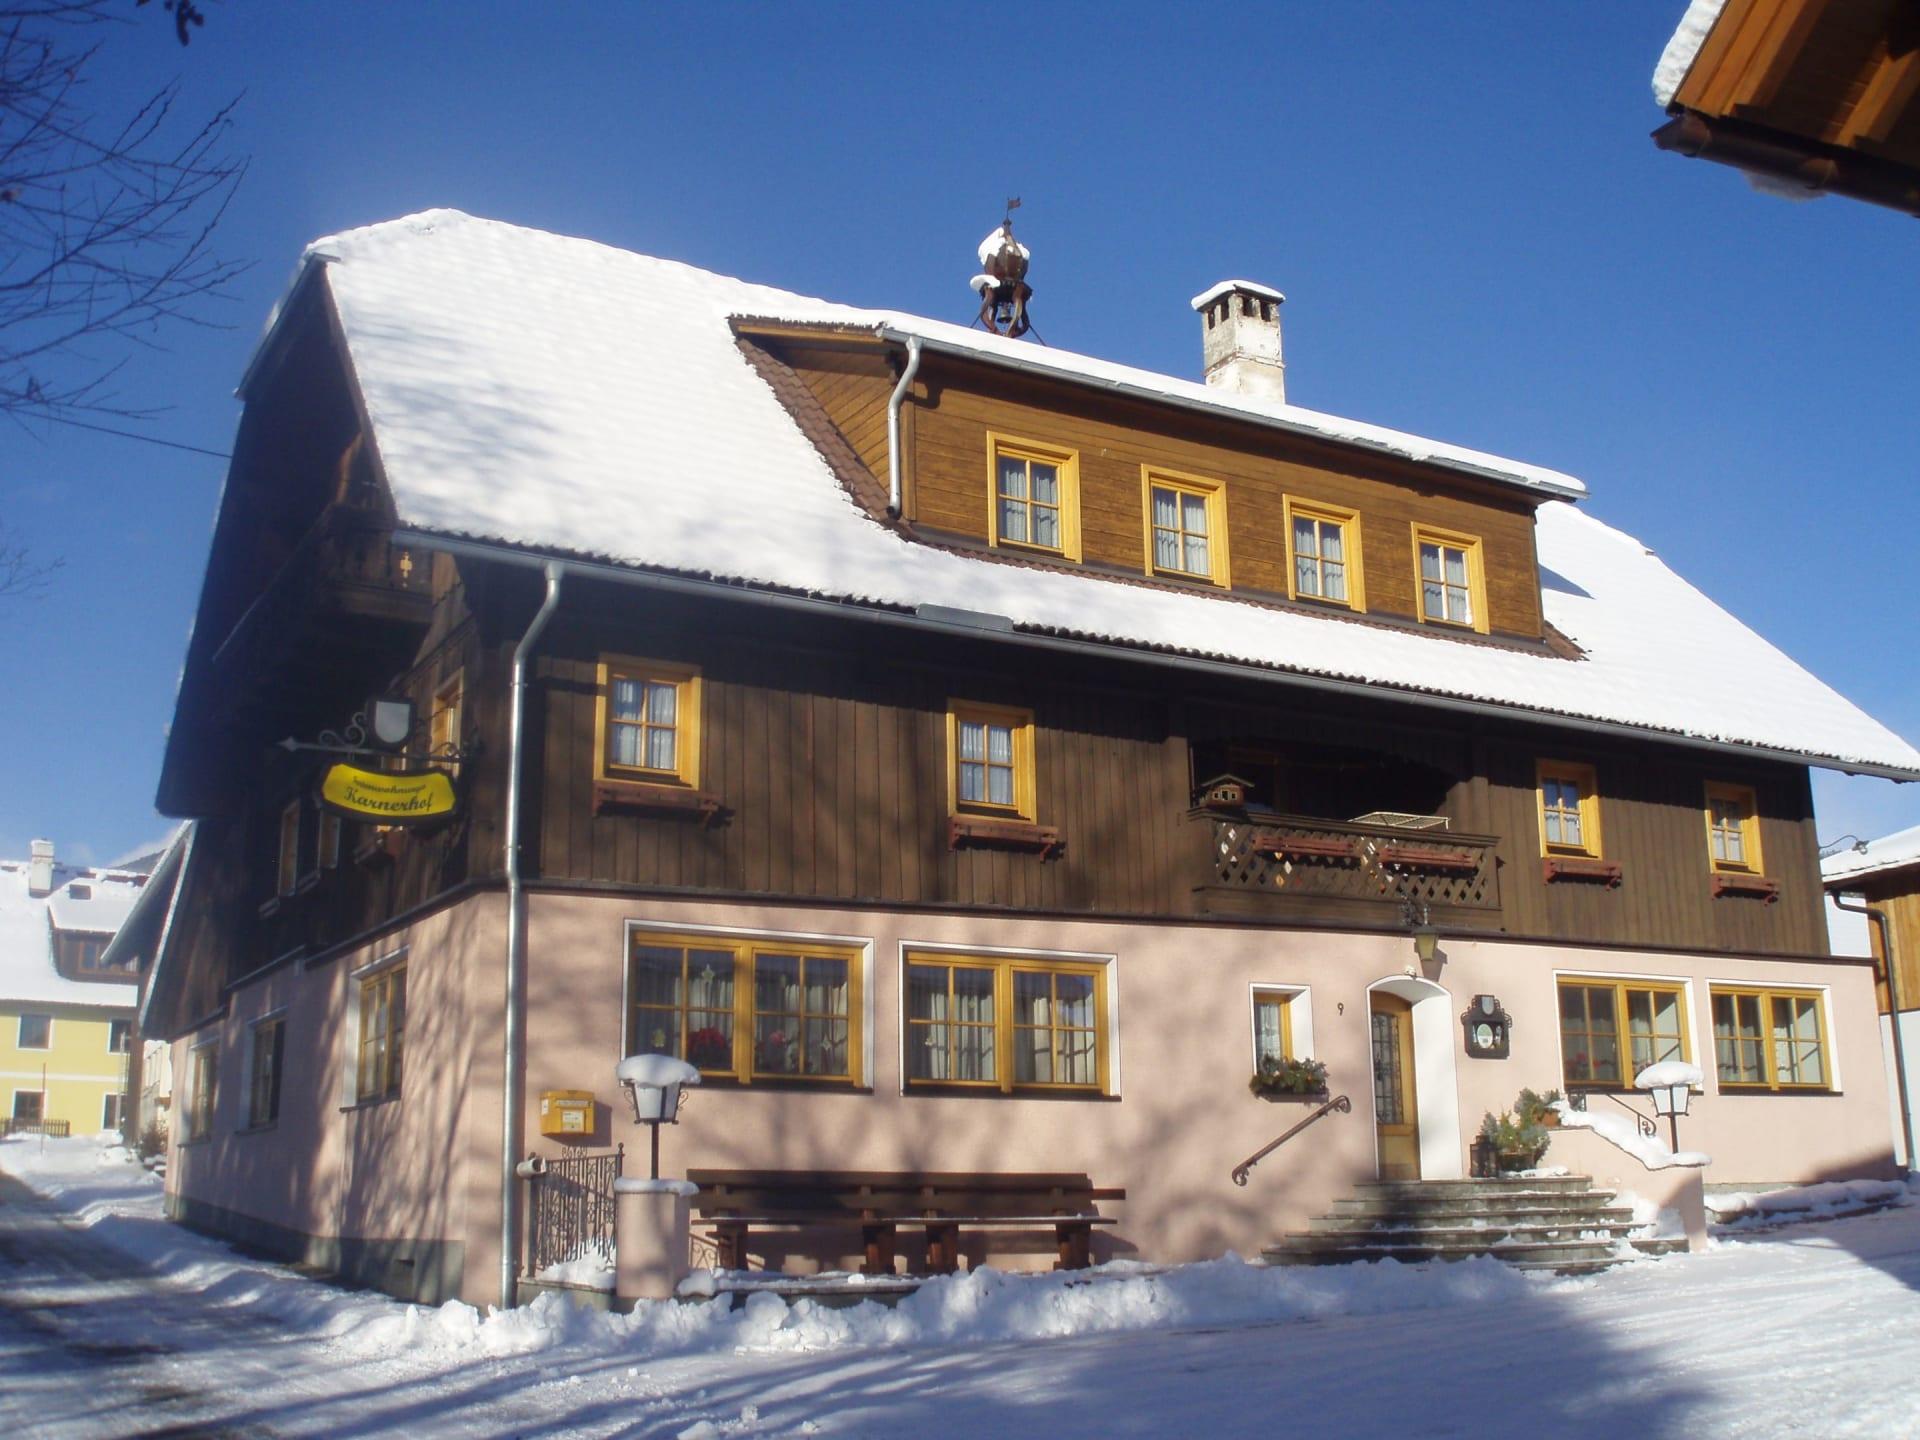 Karnerhof